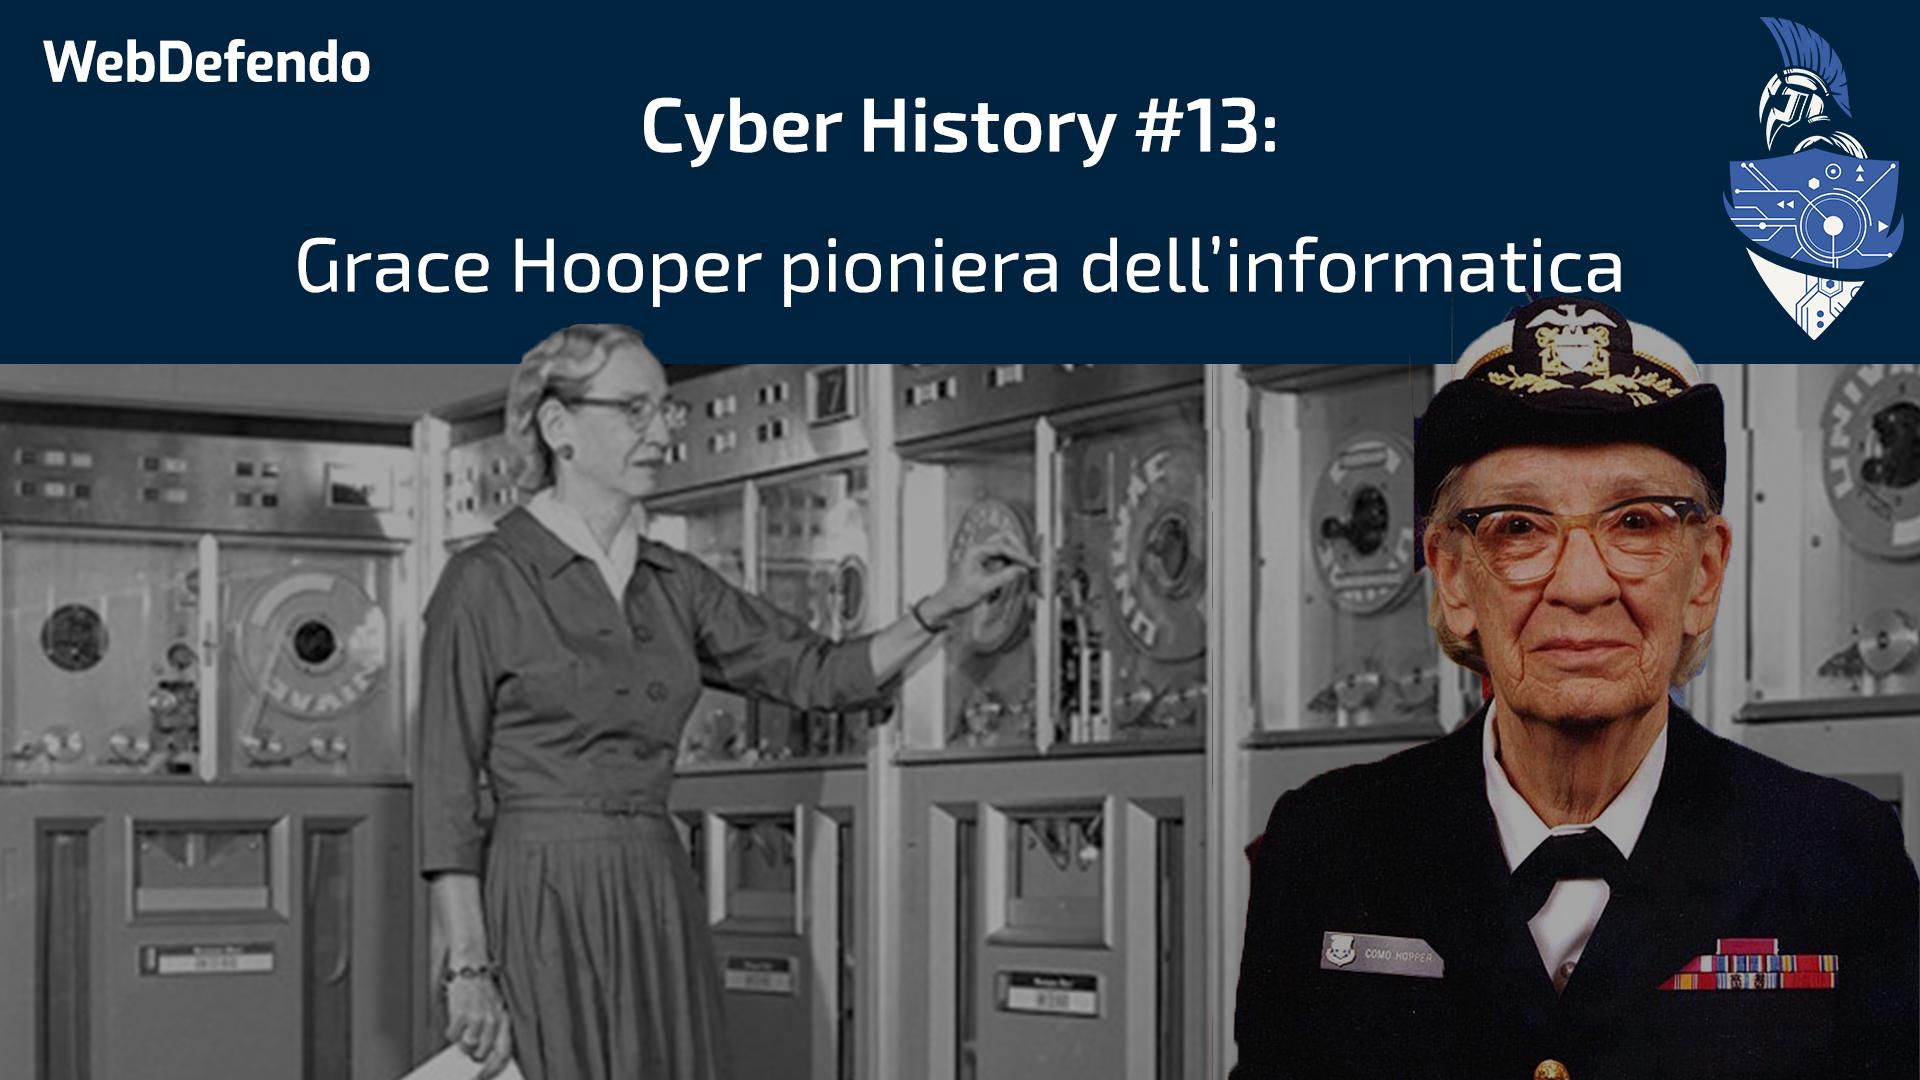 CyberHistory #13: Grace Hooper pioniera dell'informatica